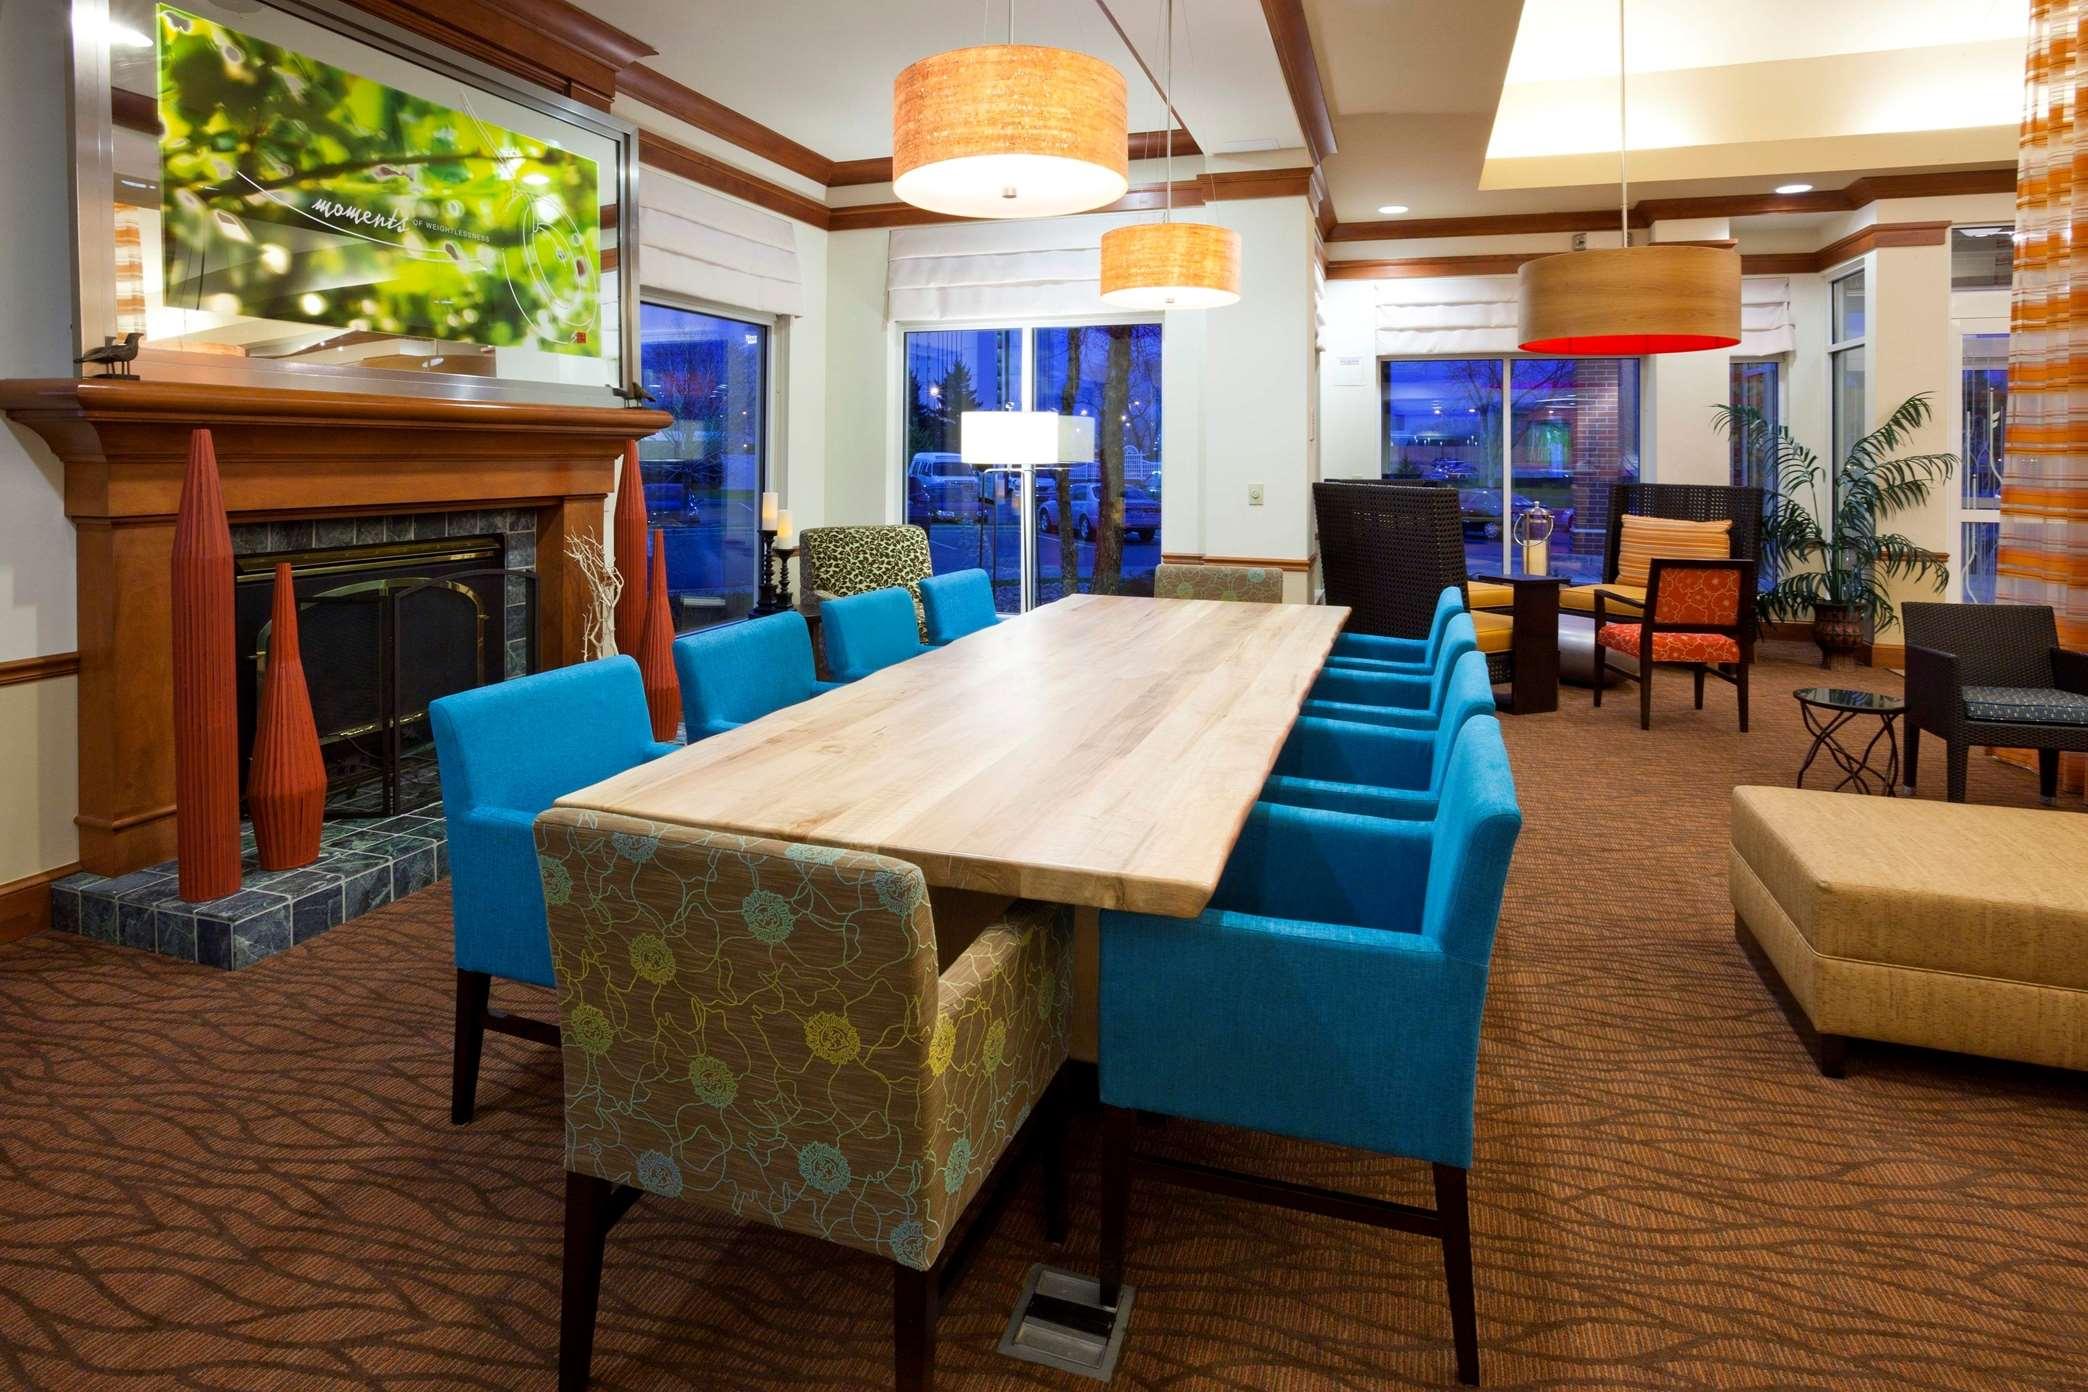 Hilton Garden Inn Minneapolis/Bloomington image 8